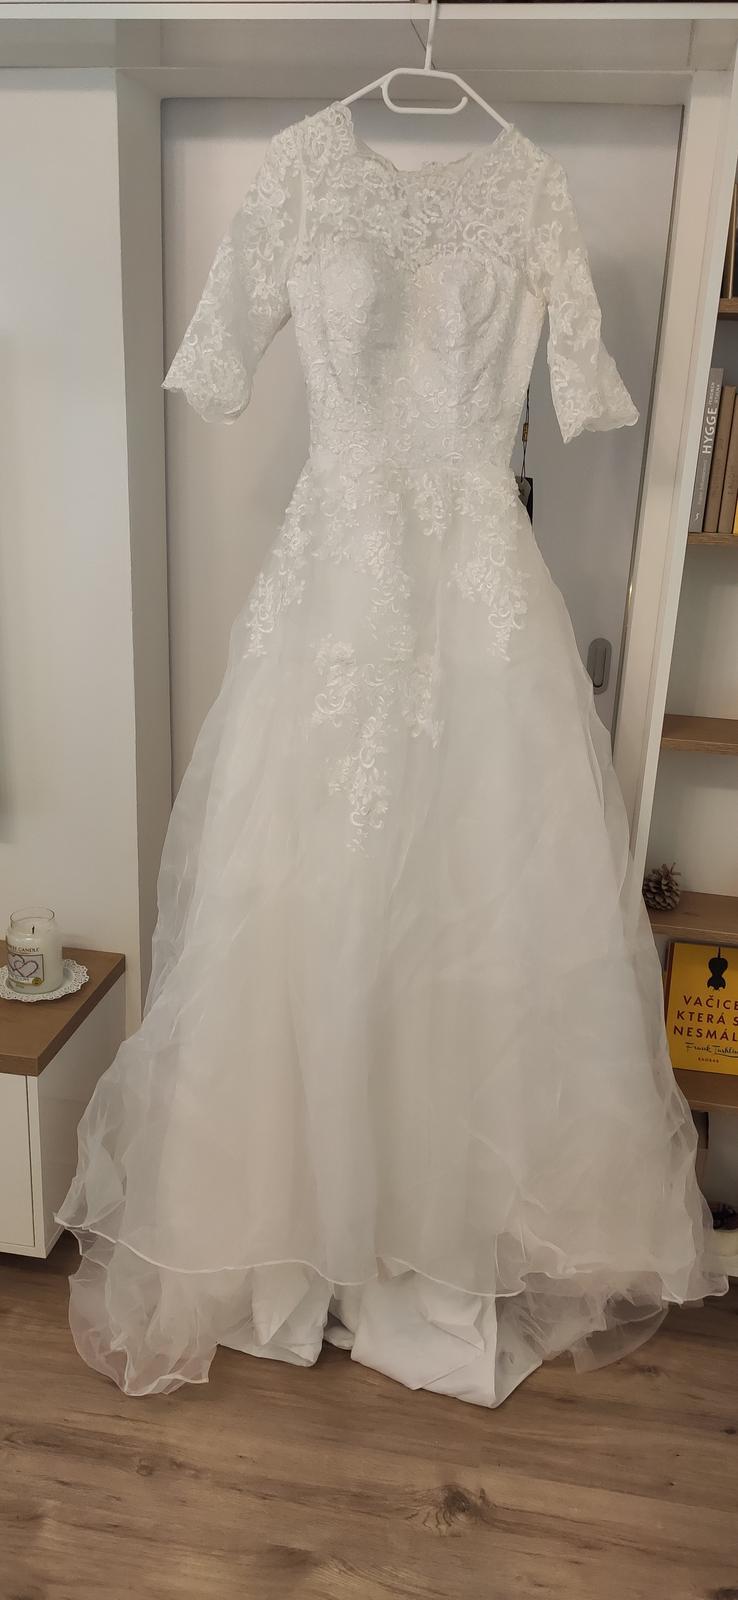 Nové svatební šaty vel. XS až S - Obrázek č. 3